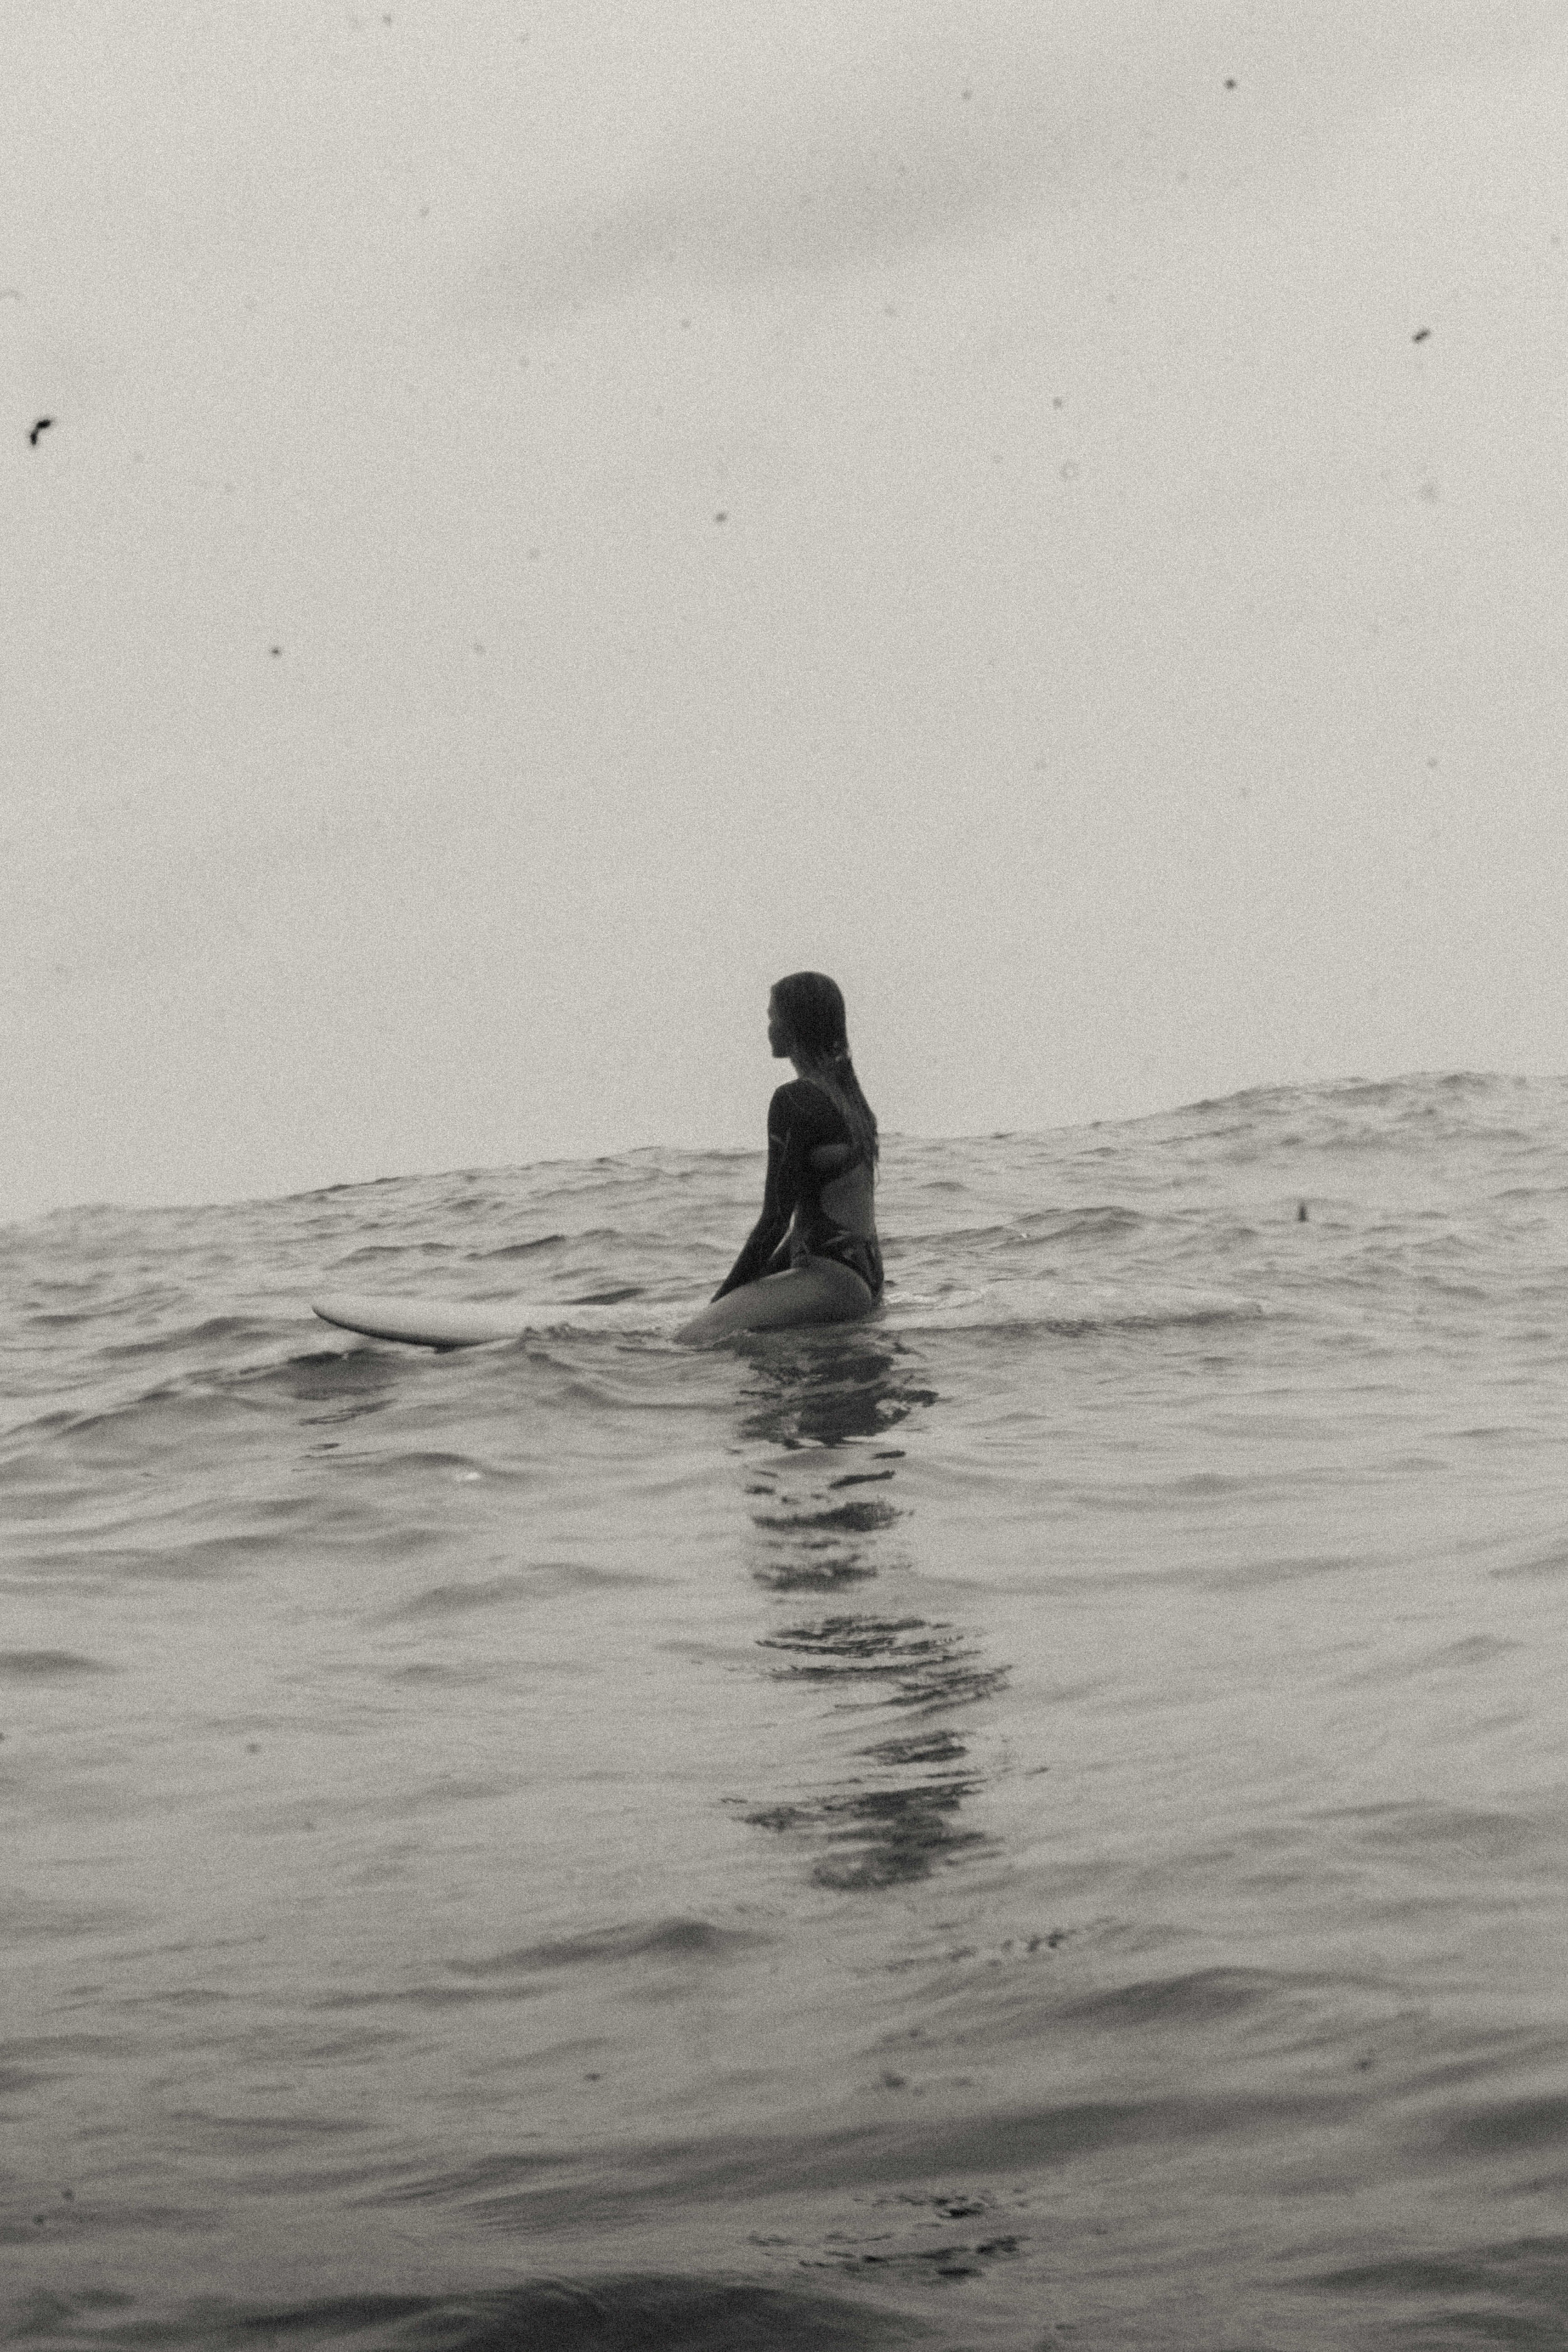 erik_winter_surf_surfing_8.jpg